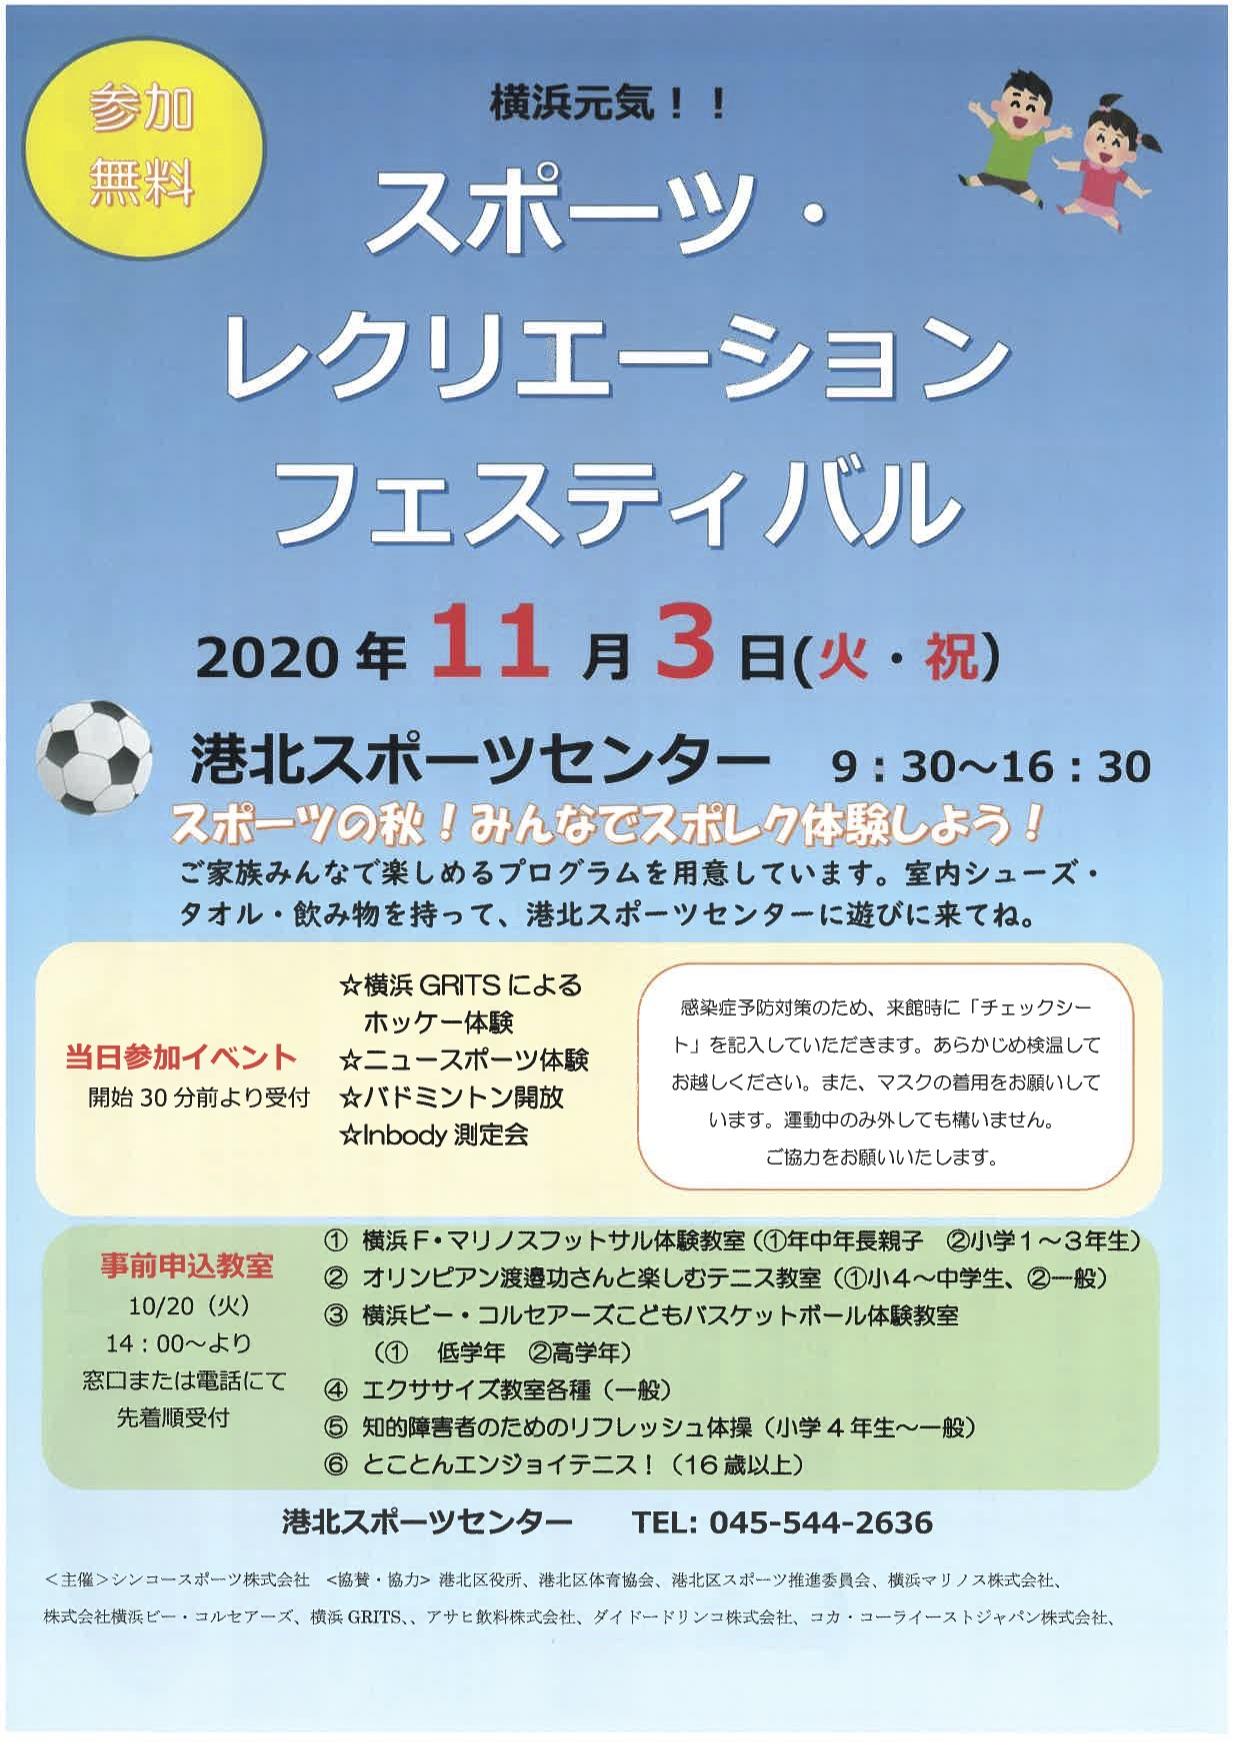 スポーツ・レクリエーションフェスティバル